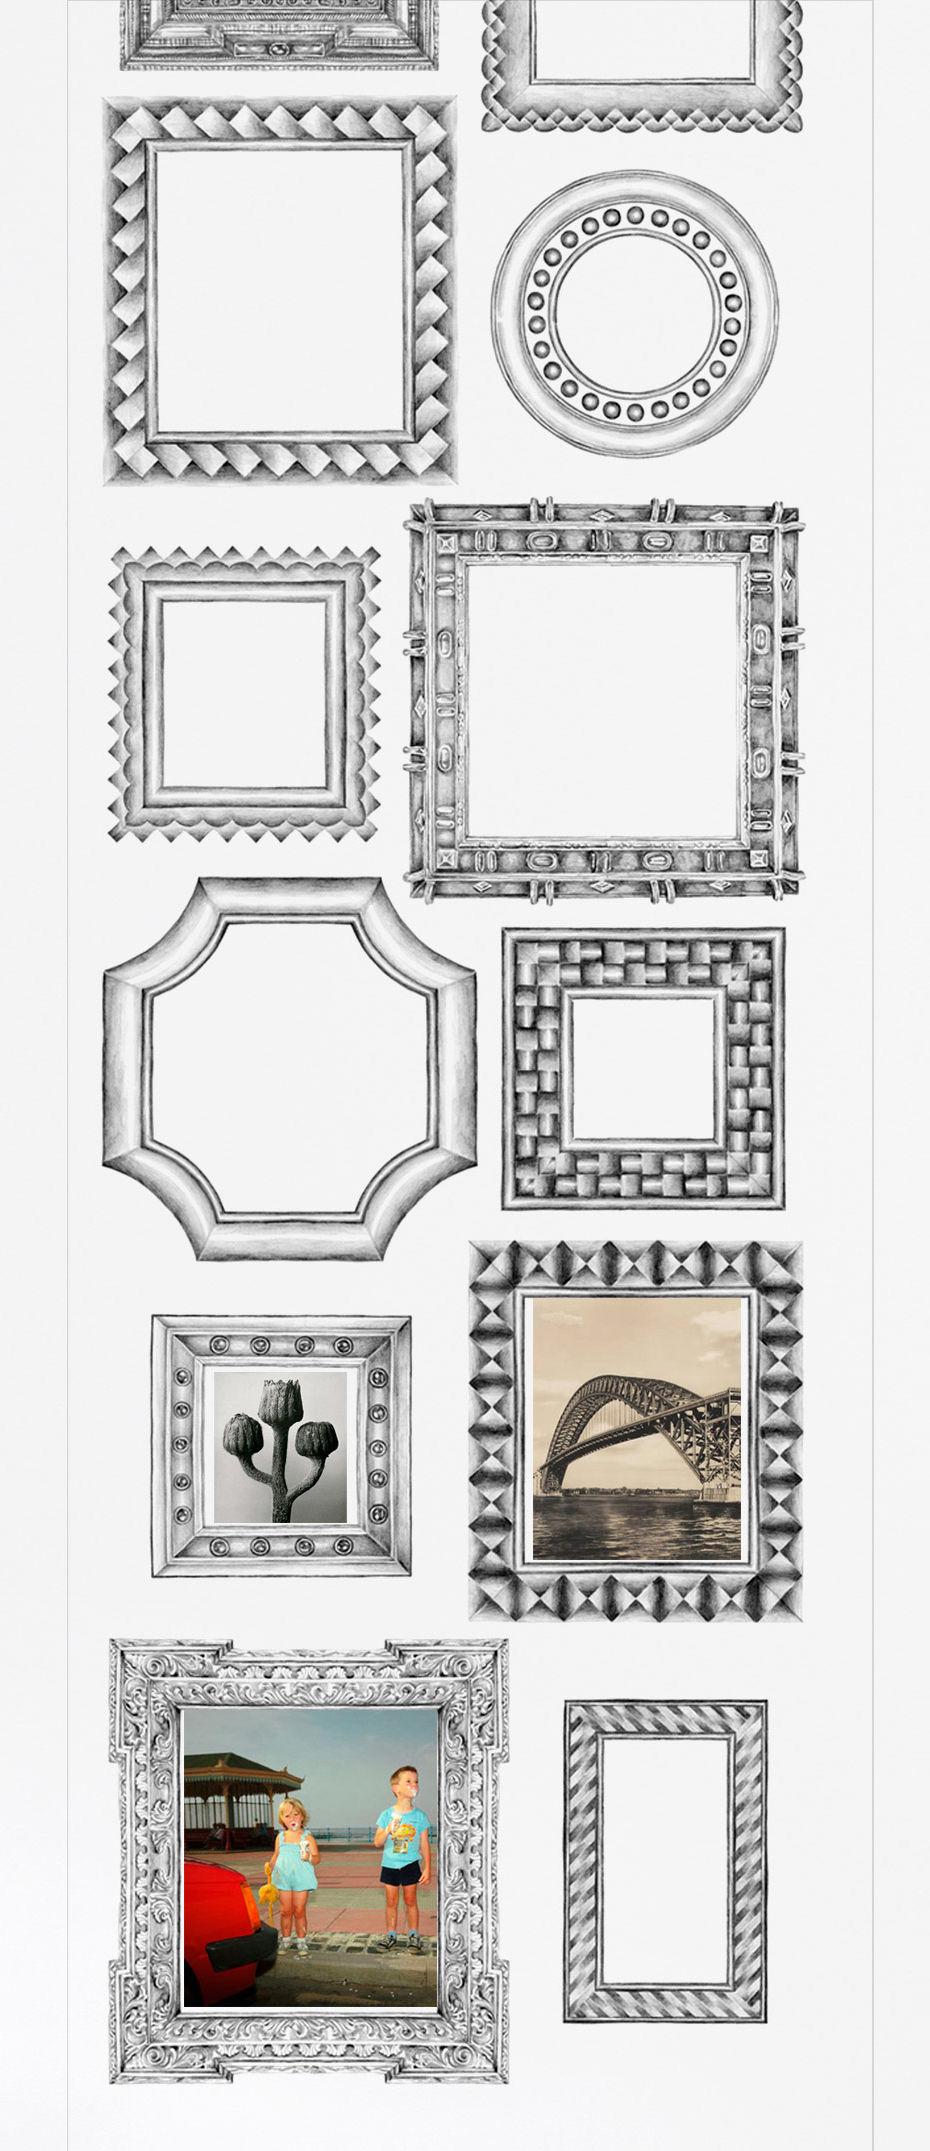 ... Papiers Peints U0026 Posters   Papier Peint Cadres Verticaux / 1 Lé